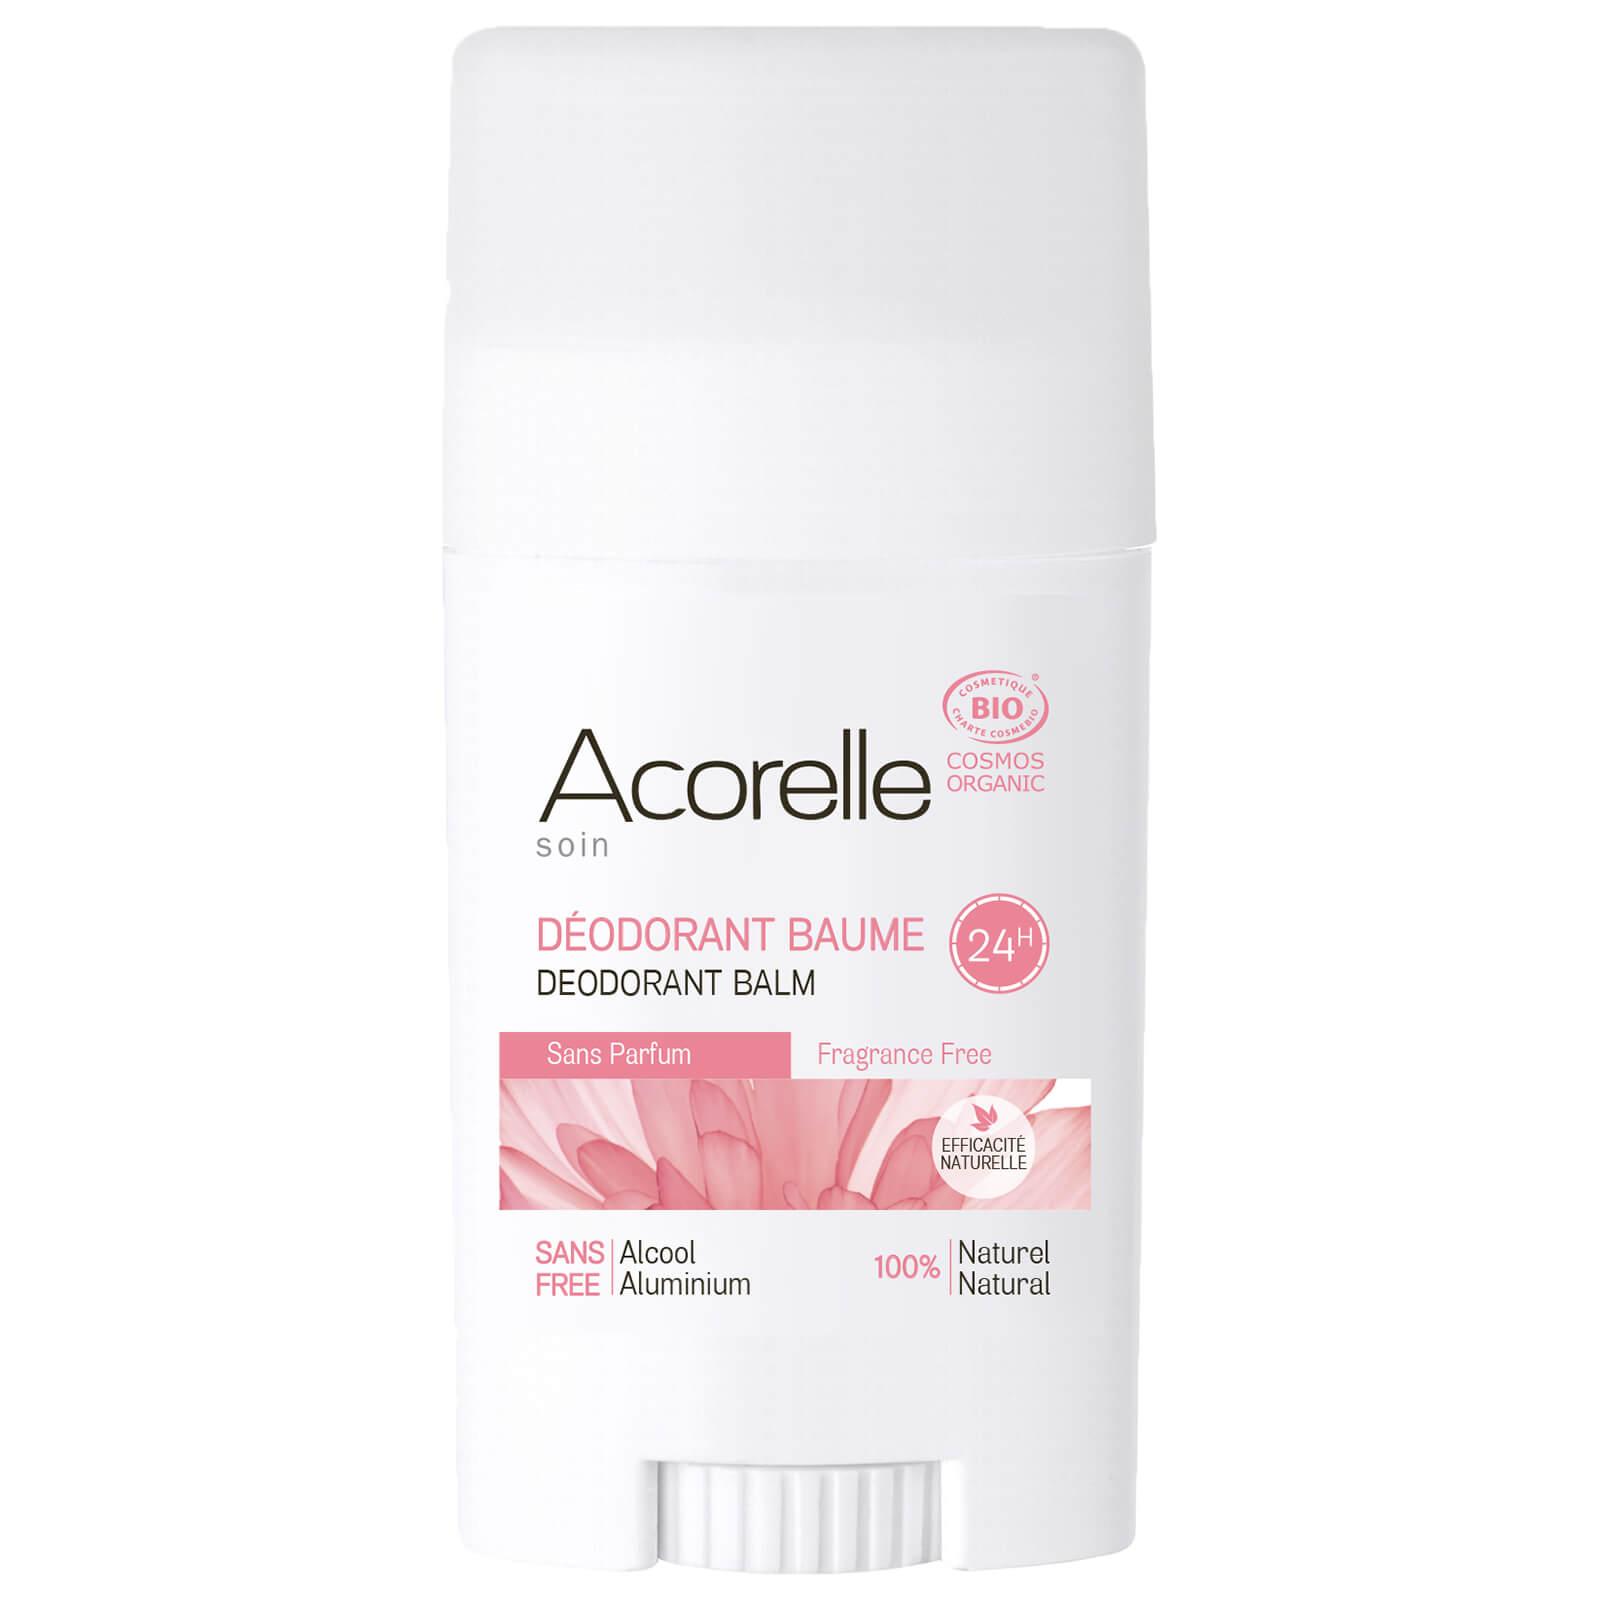 Acorelle Déodorant baume bio sans parfum Acorelle 40g